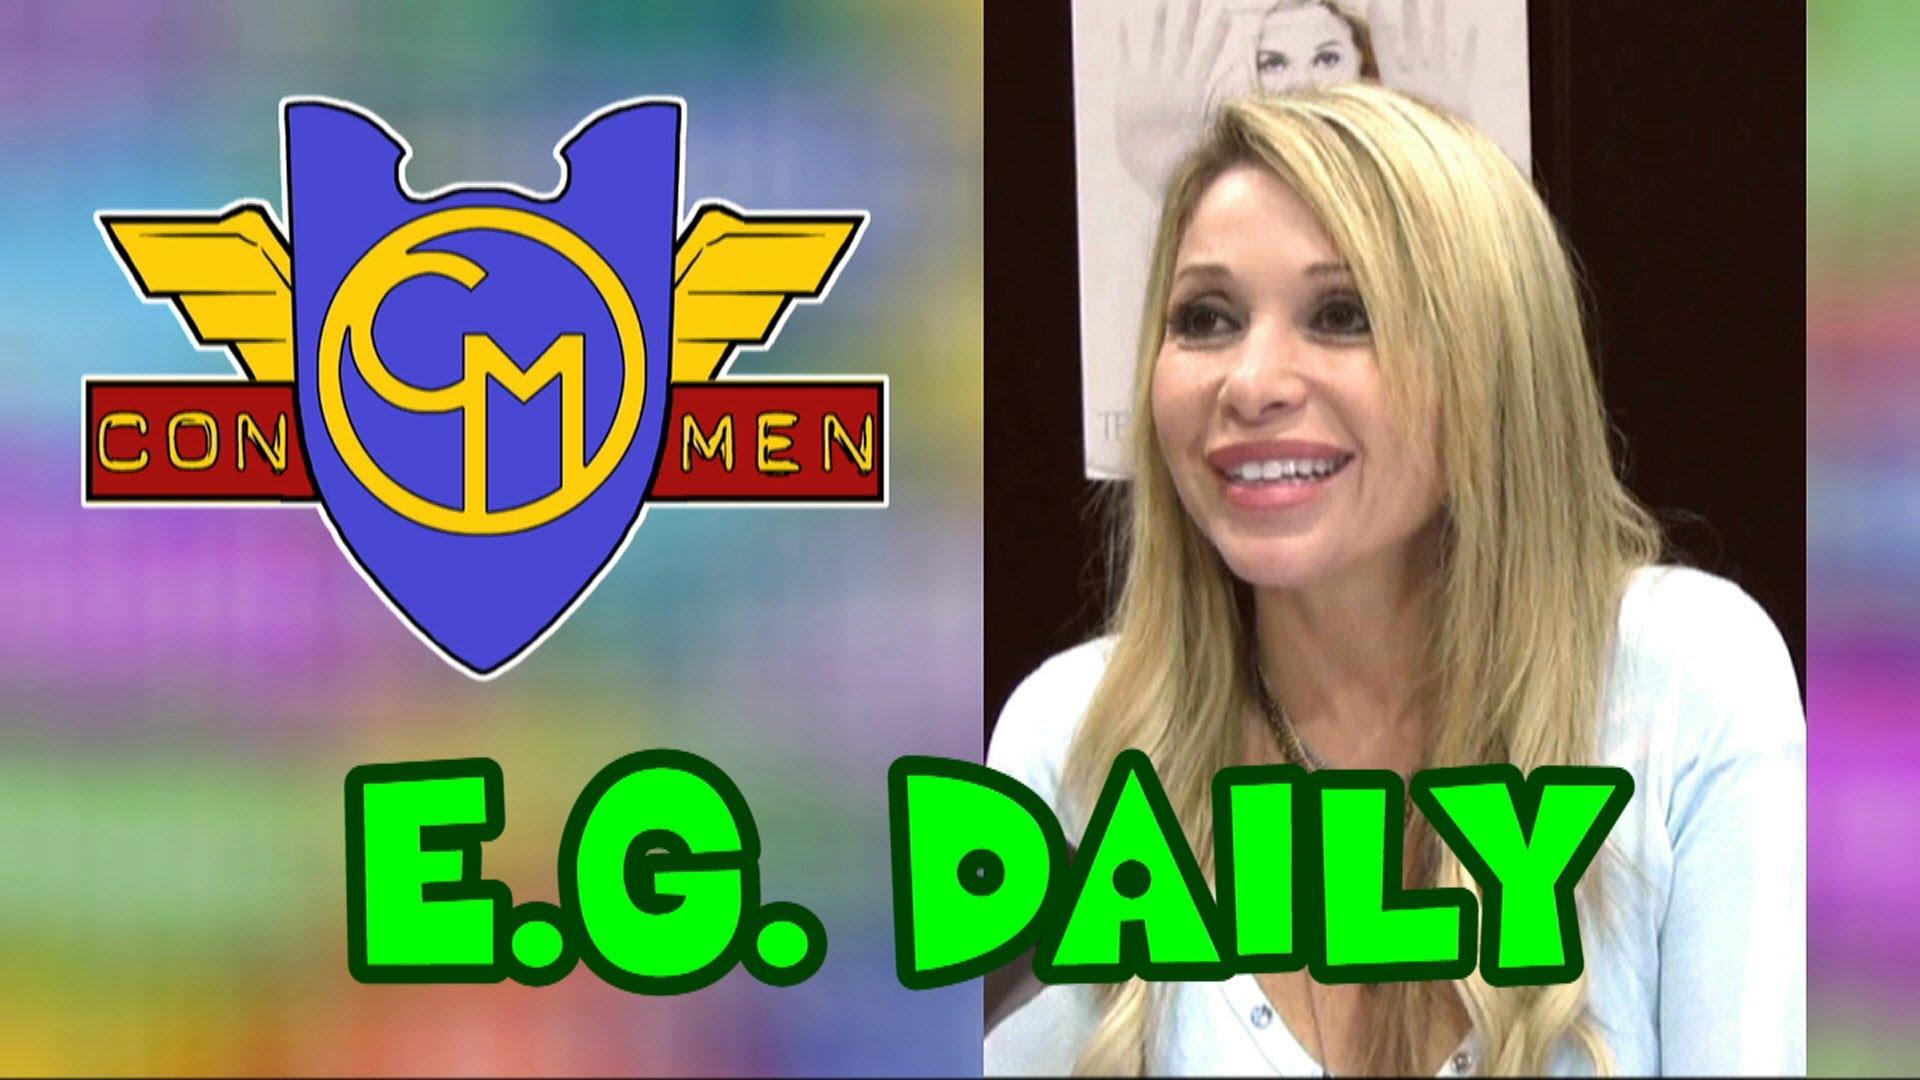 E.G Daily Screensavers